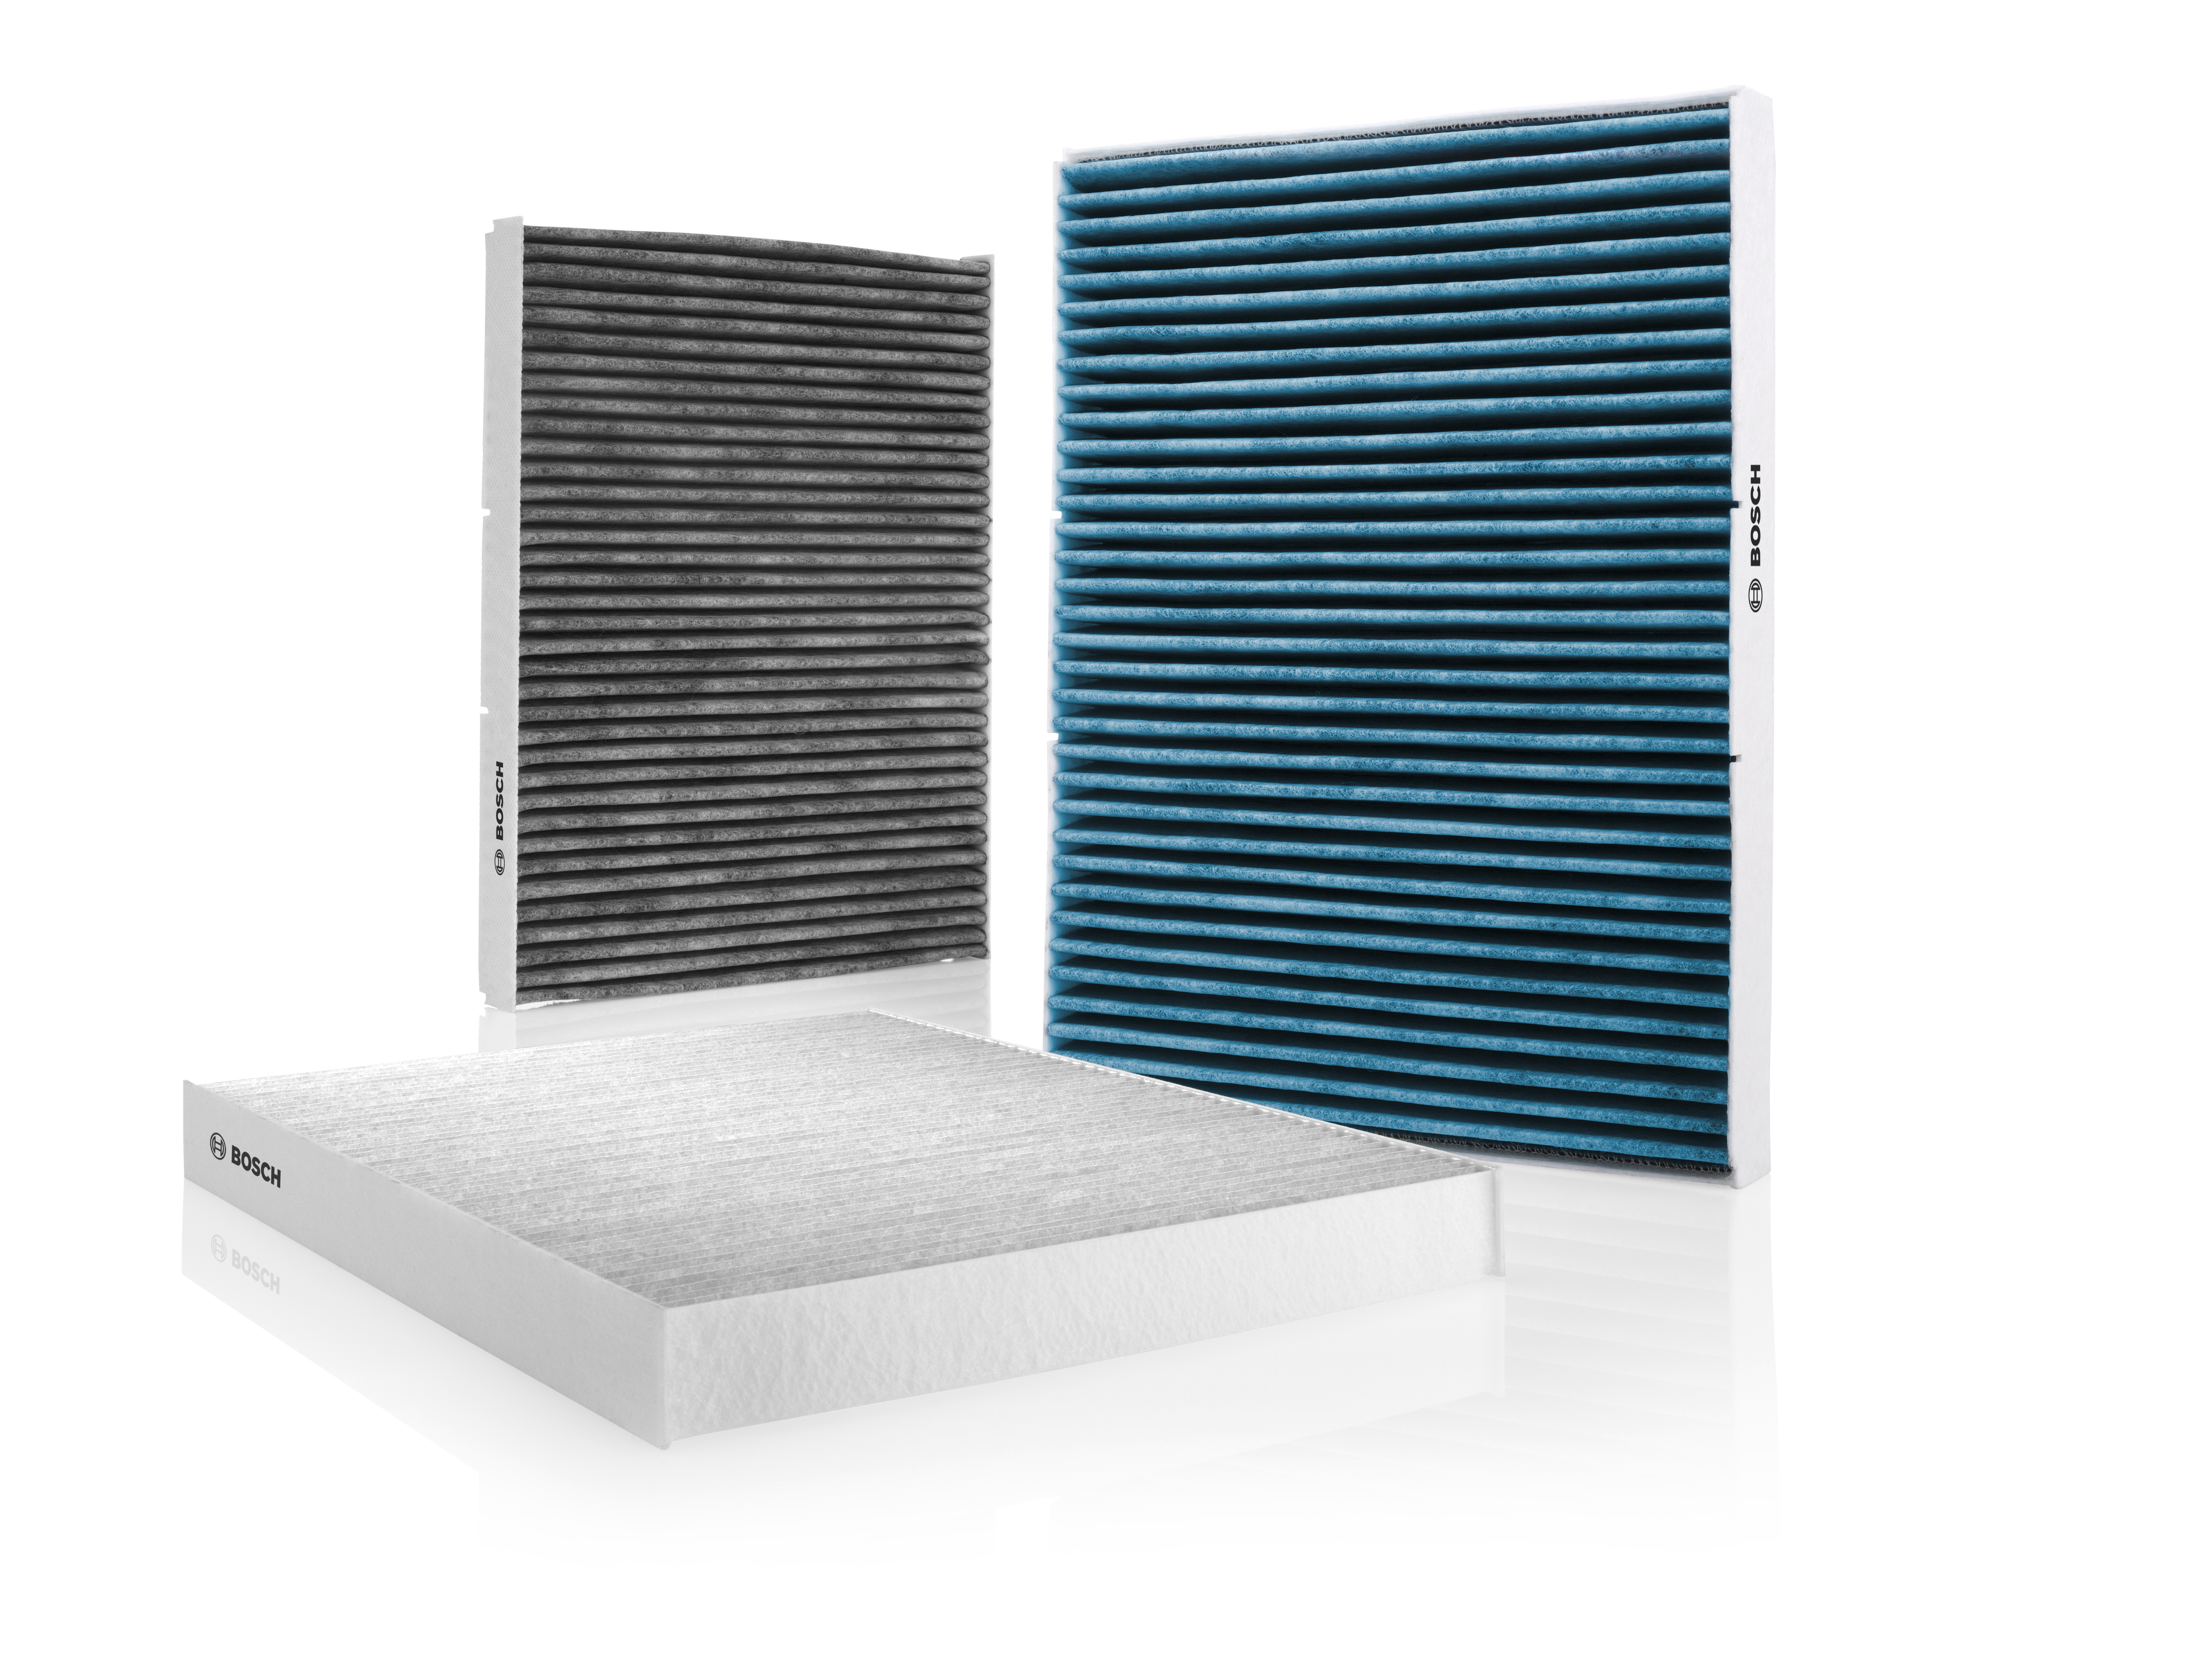 Erleichterung für Allergiker: Der neue Innenraumfilter FILTER+ von Bosch